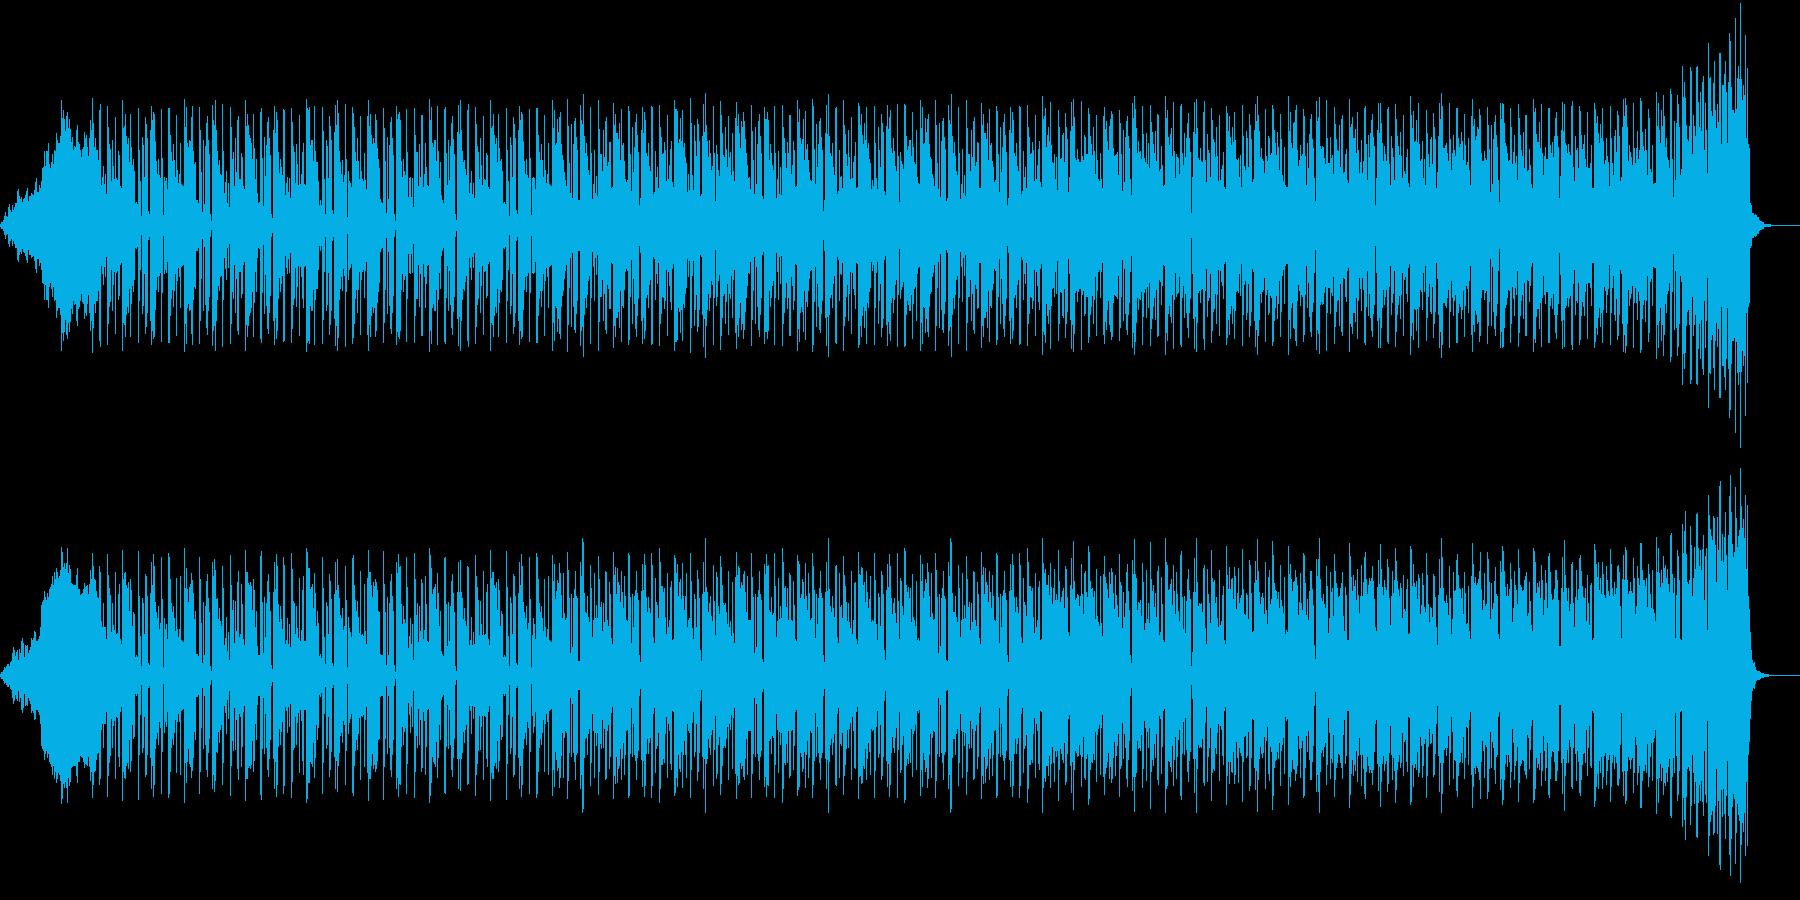 困惑している脳の音の再生済みの波形